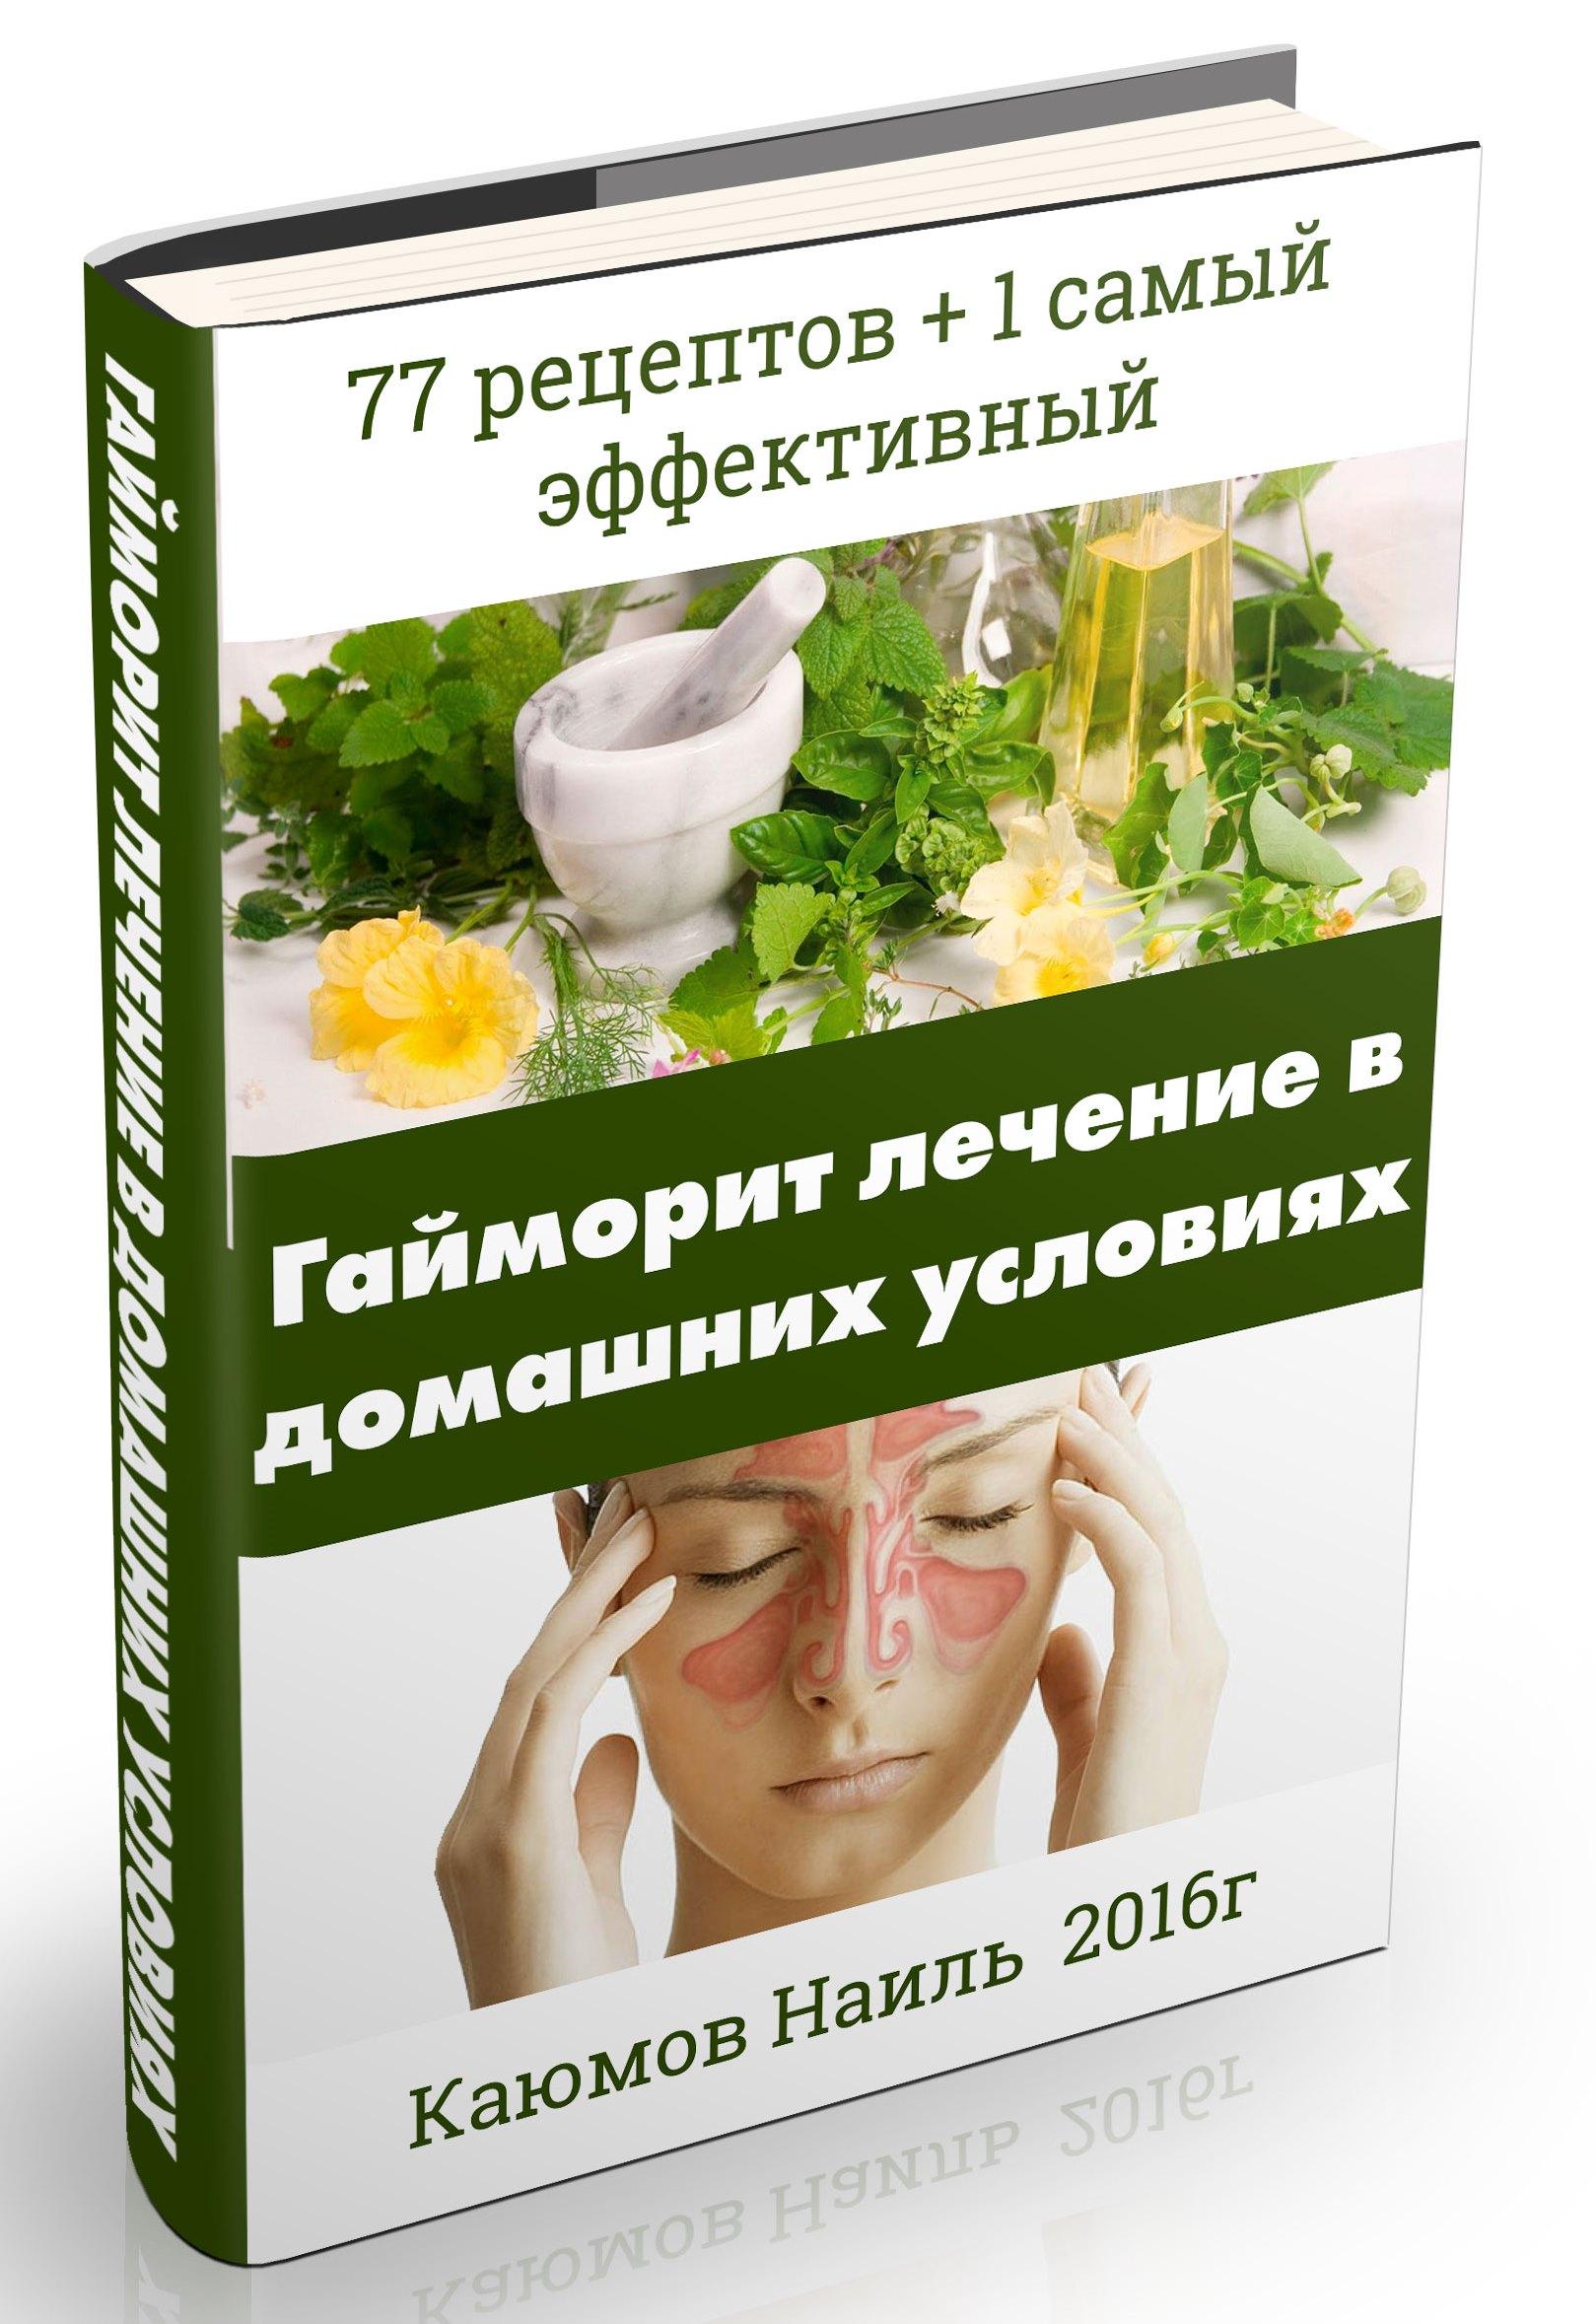 Эффективное лечения гайморита в домашних условиях